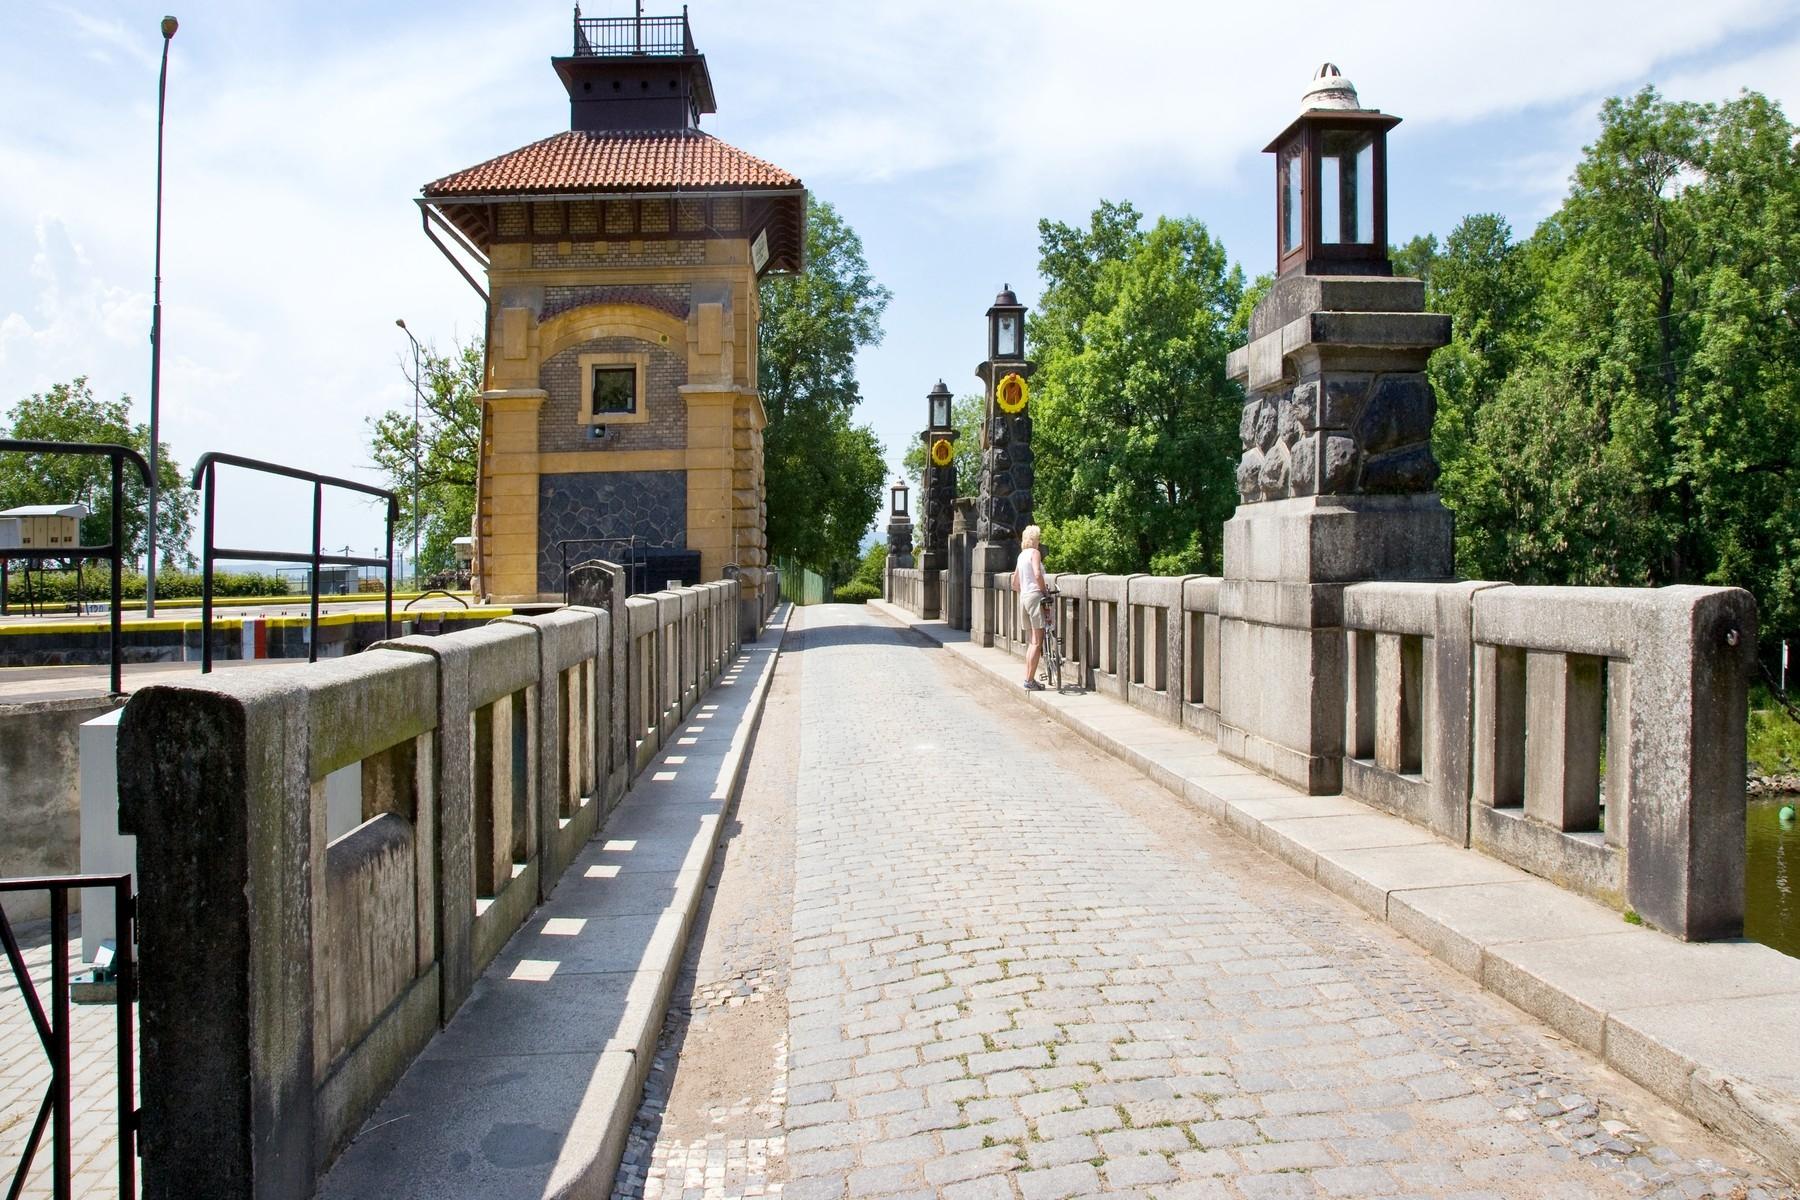 Zdymadlo Hořín představuje technickou památku, která byla pravidelně v itineráři tréninků Jiřího Ježka. Foto: profimedia